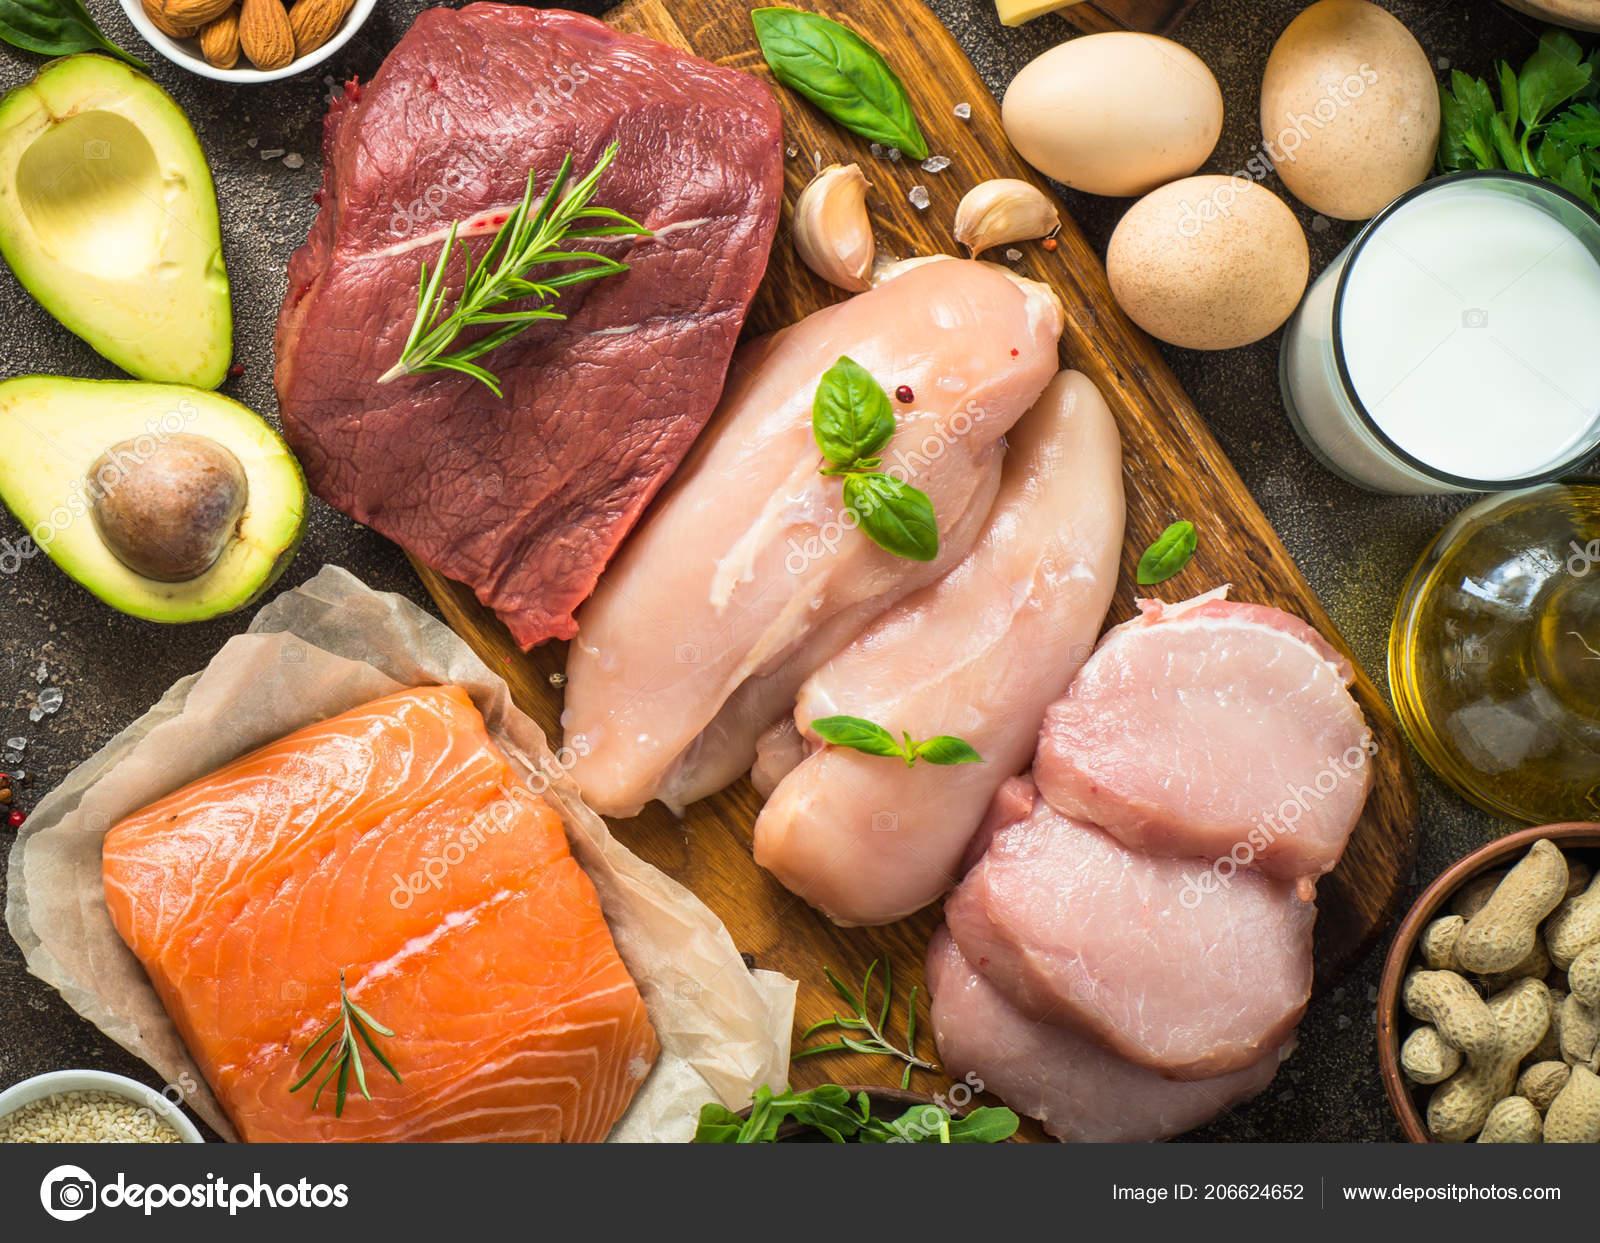 Высоким содержанием белка питание рыба мясо птица орехи яйца.